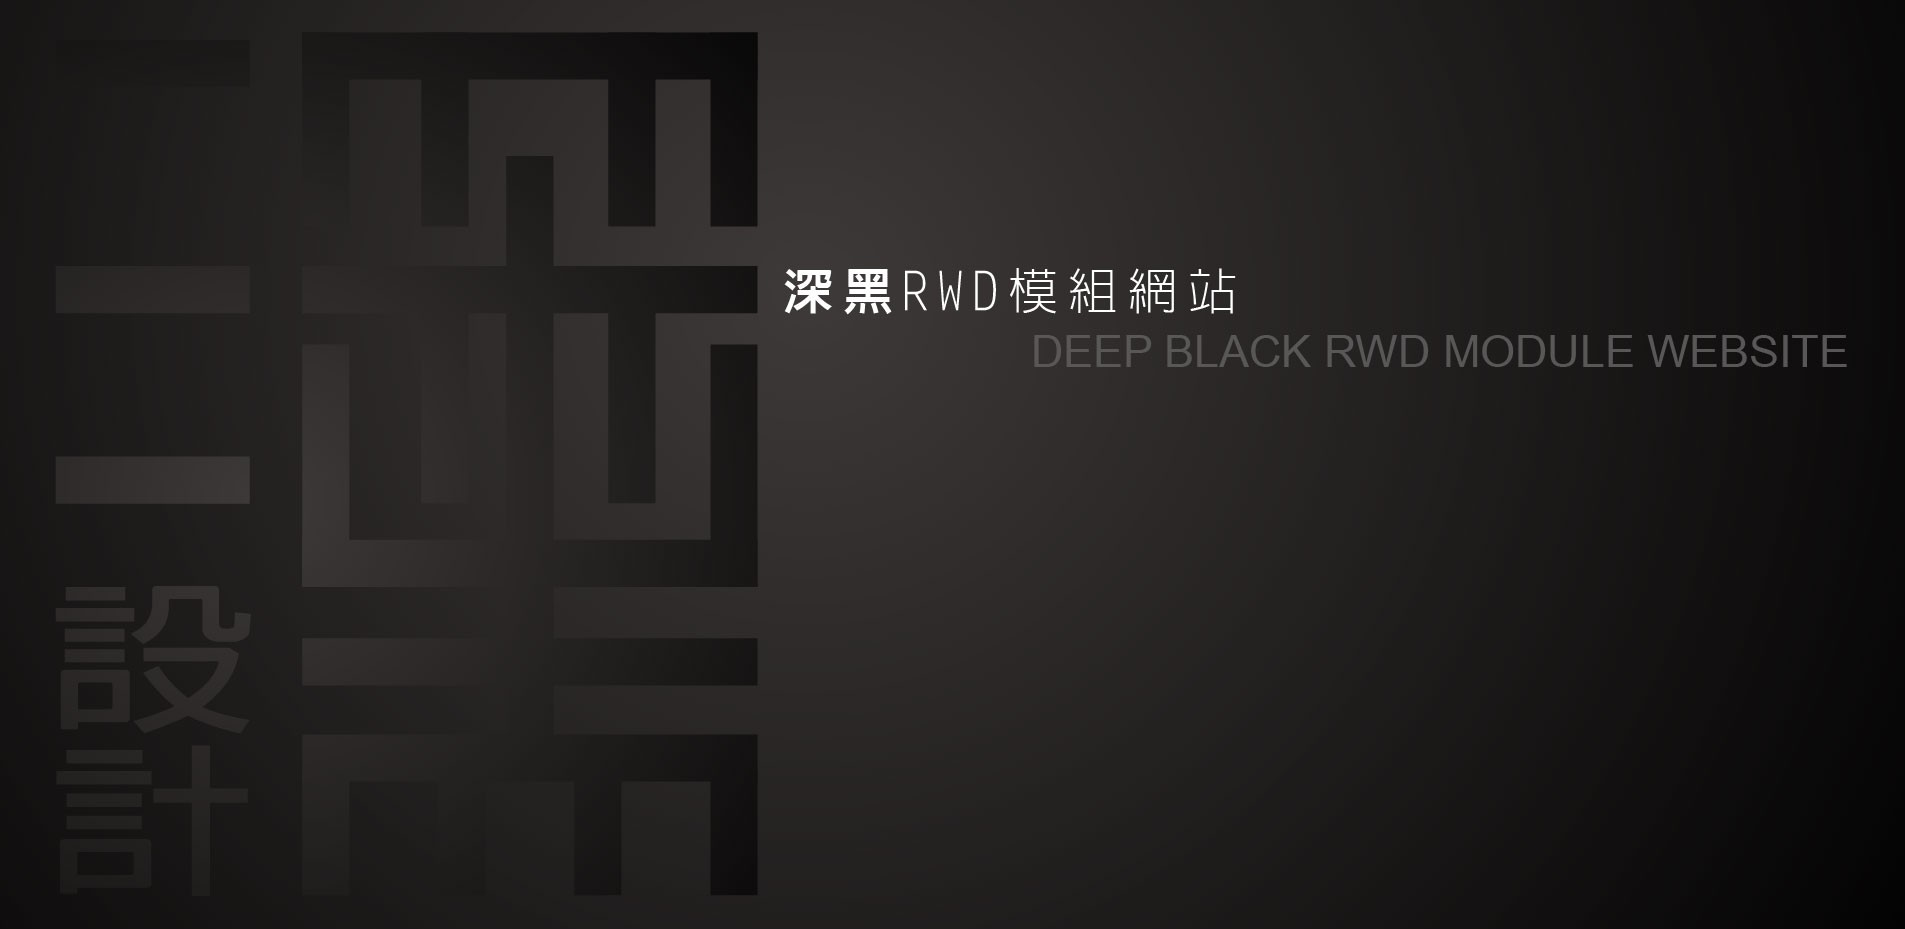 深黑RWD模組網站